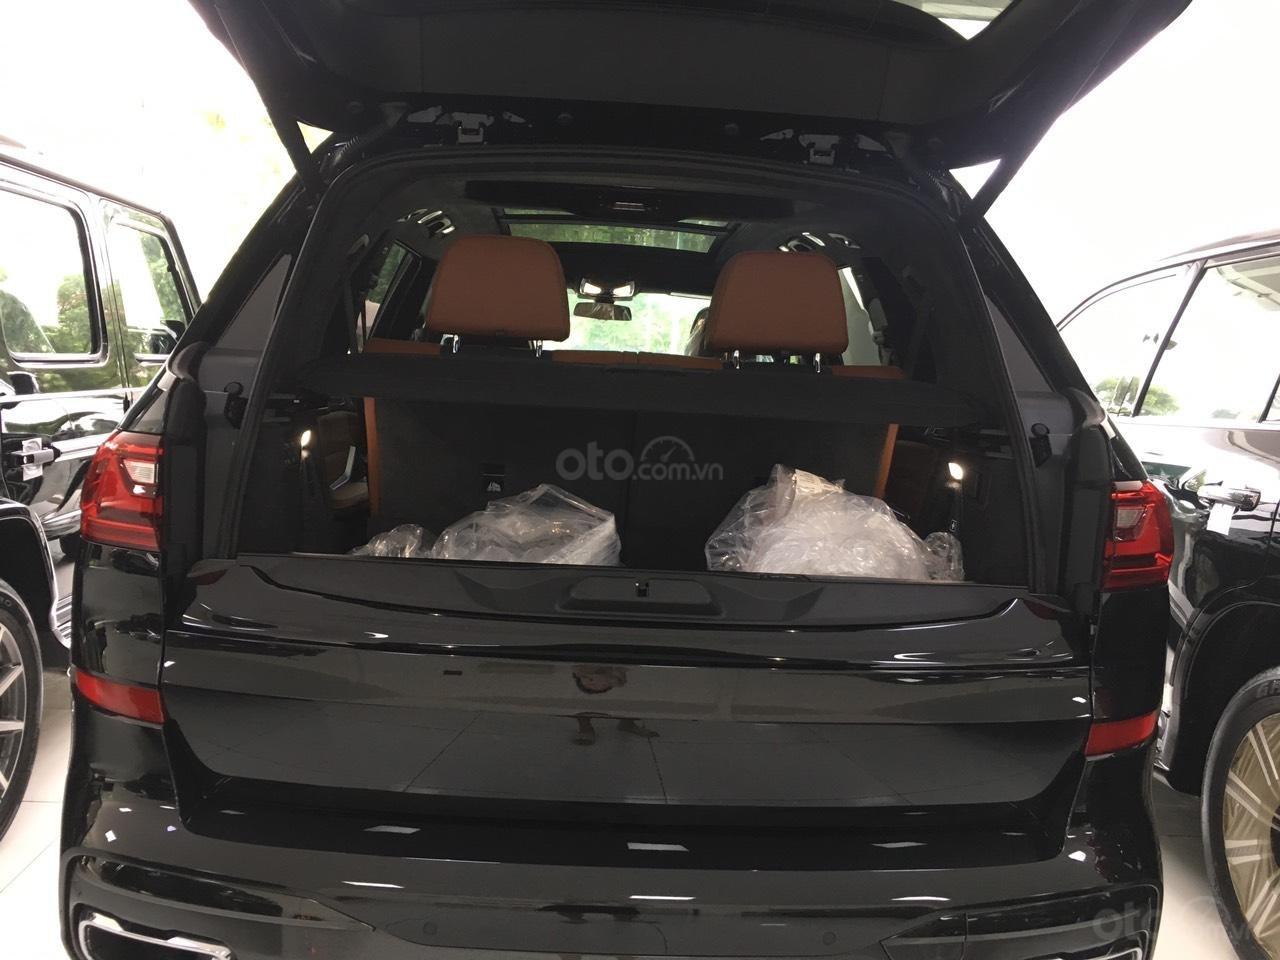 Bán BMW X7 xDrive 40i đời 2020, nhập Mỹ, giao ngay toàn quốc, giá tốt, LH 0945.39.2468 Ms Hương (12)